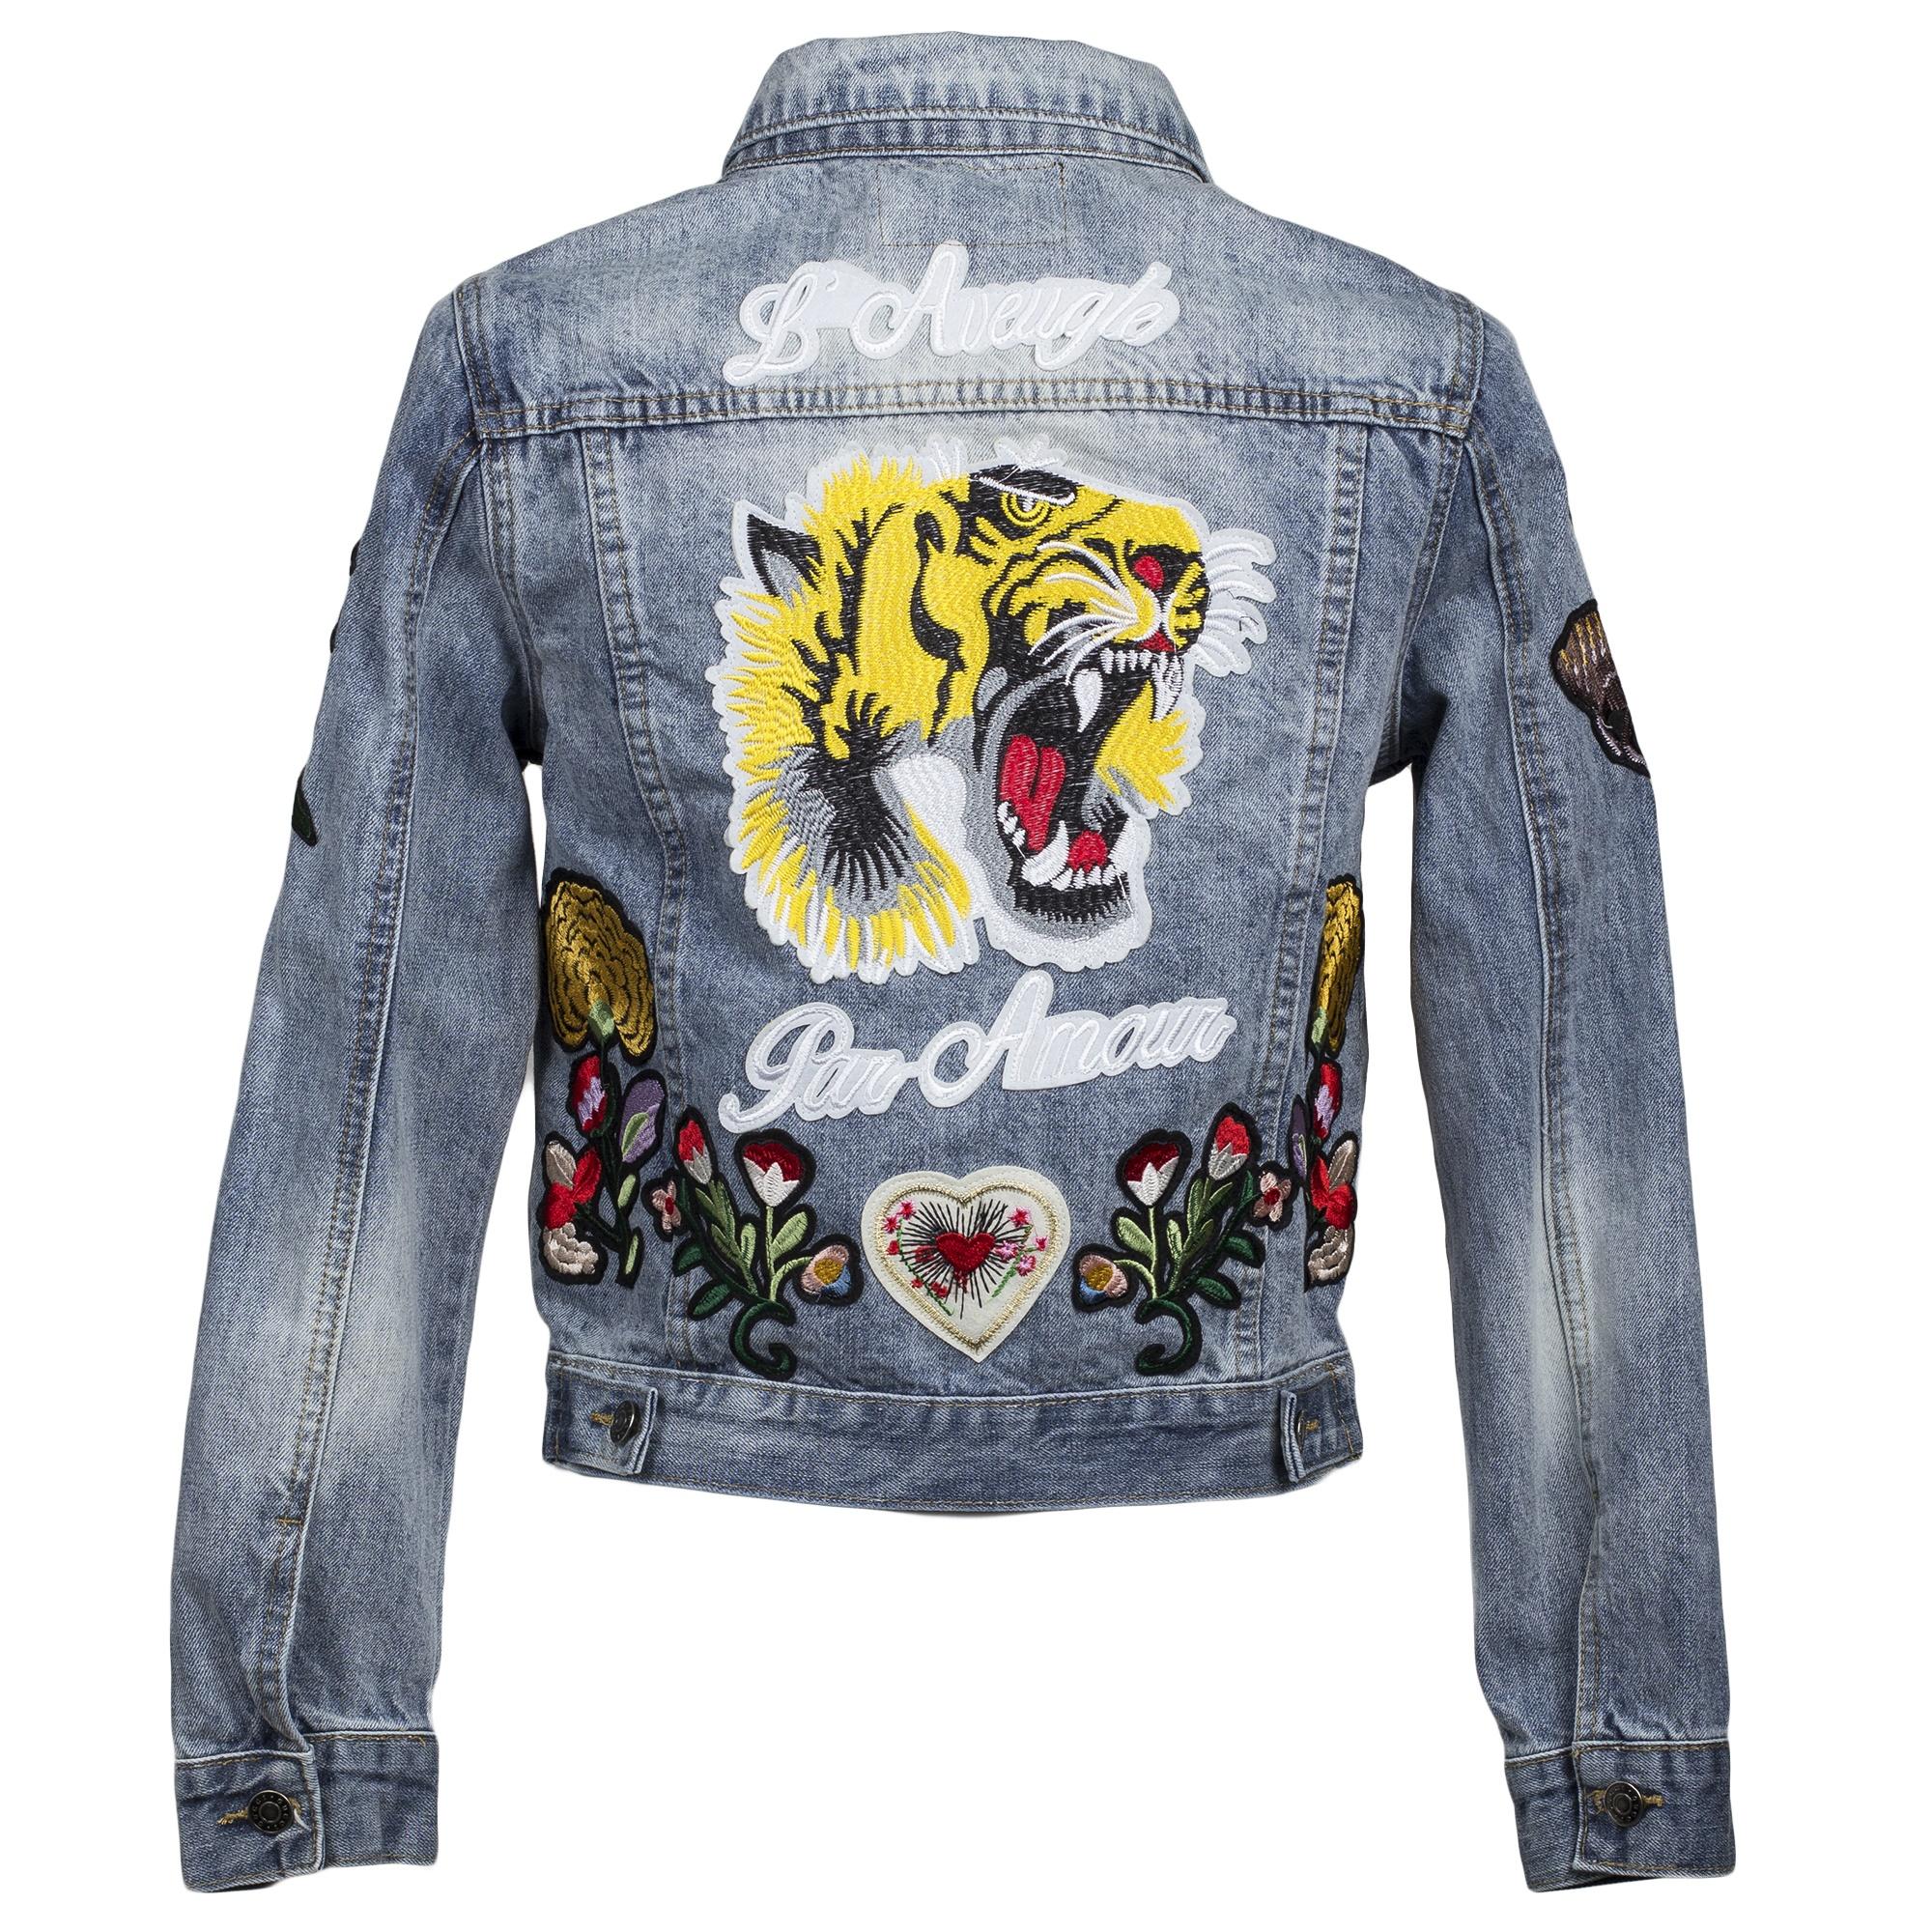 1332f3f50b3b Купить джинсовая куртка Gucci с тигром на спине — в Киеве, код ...